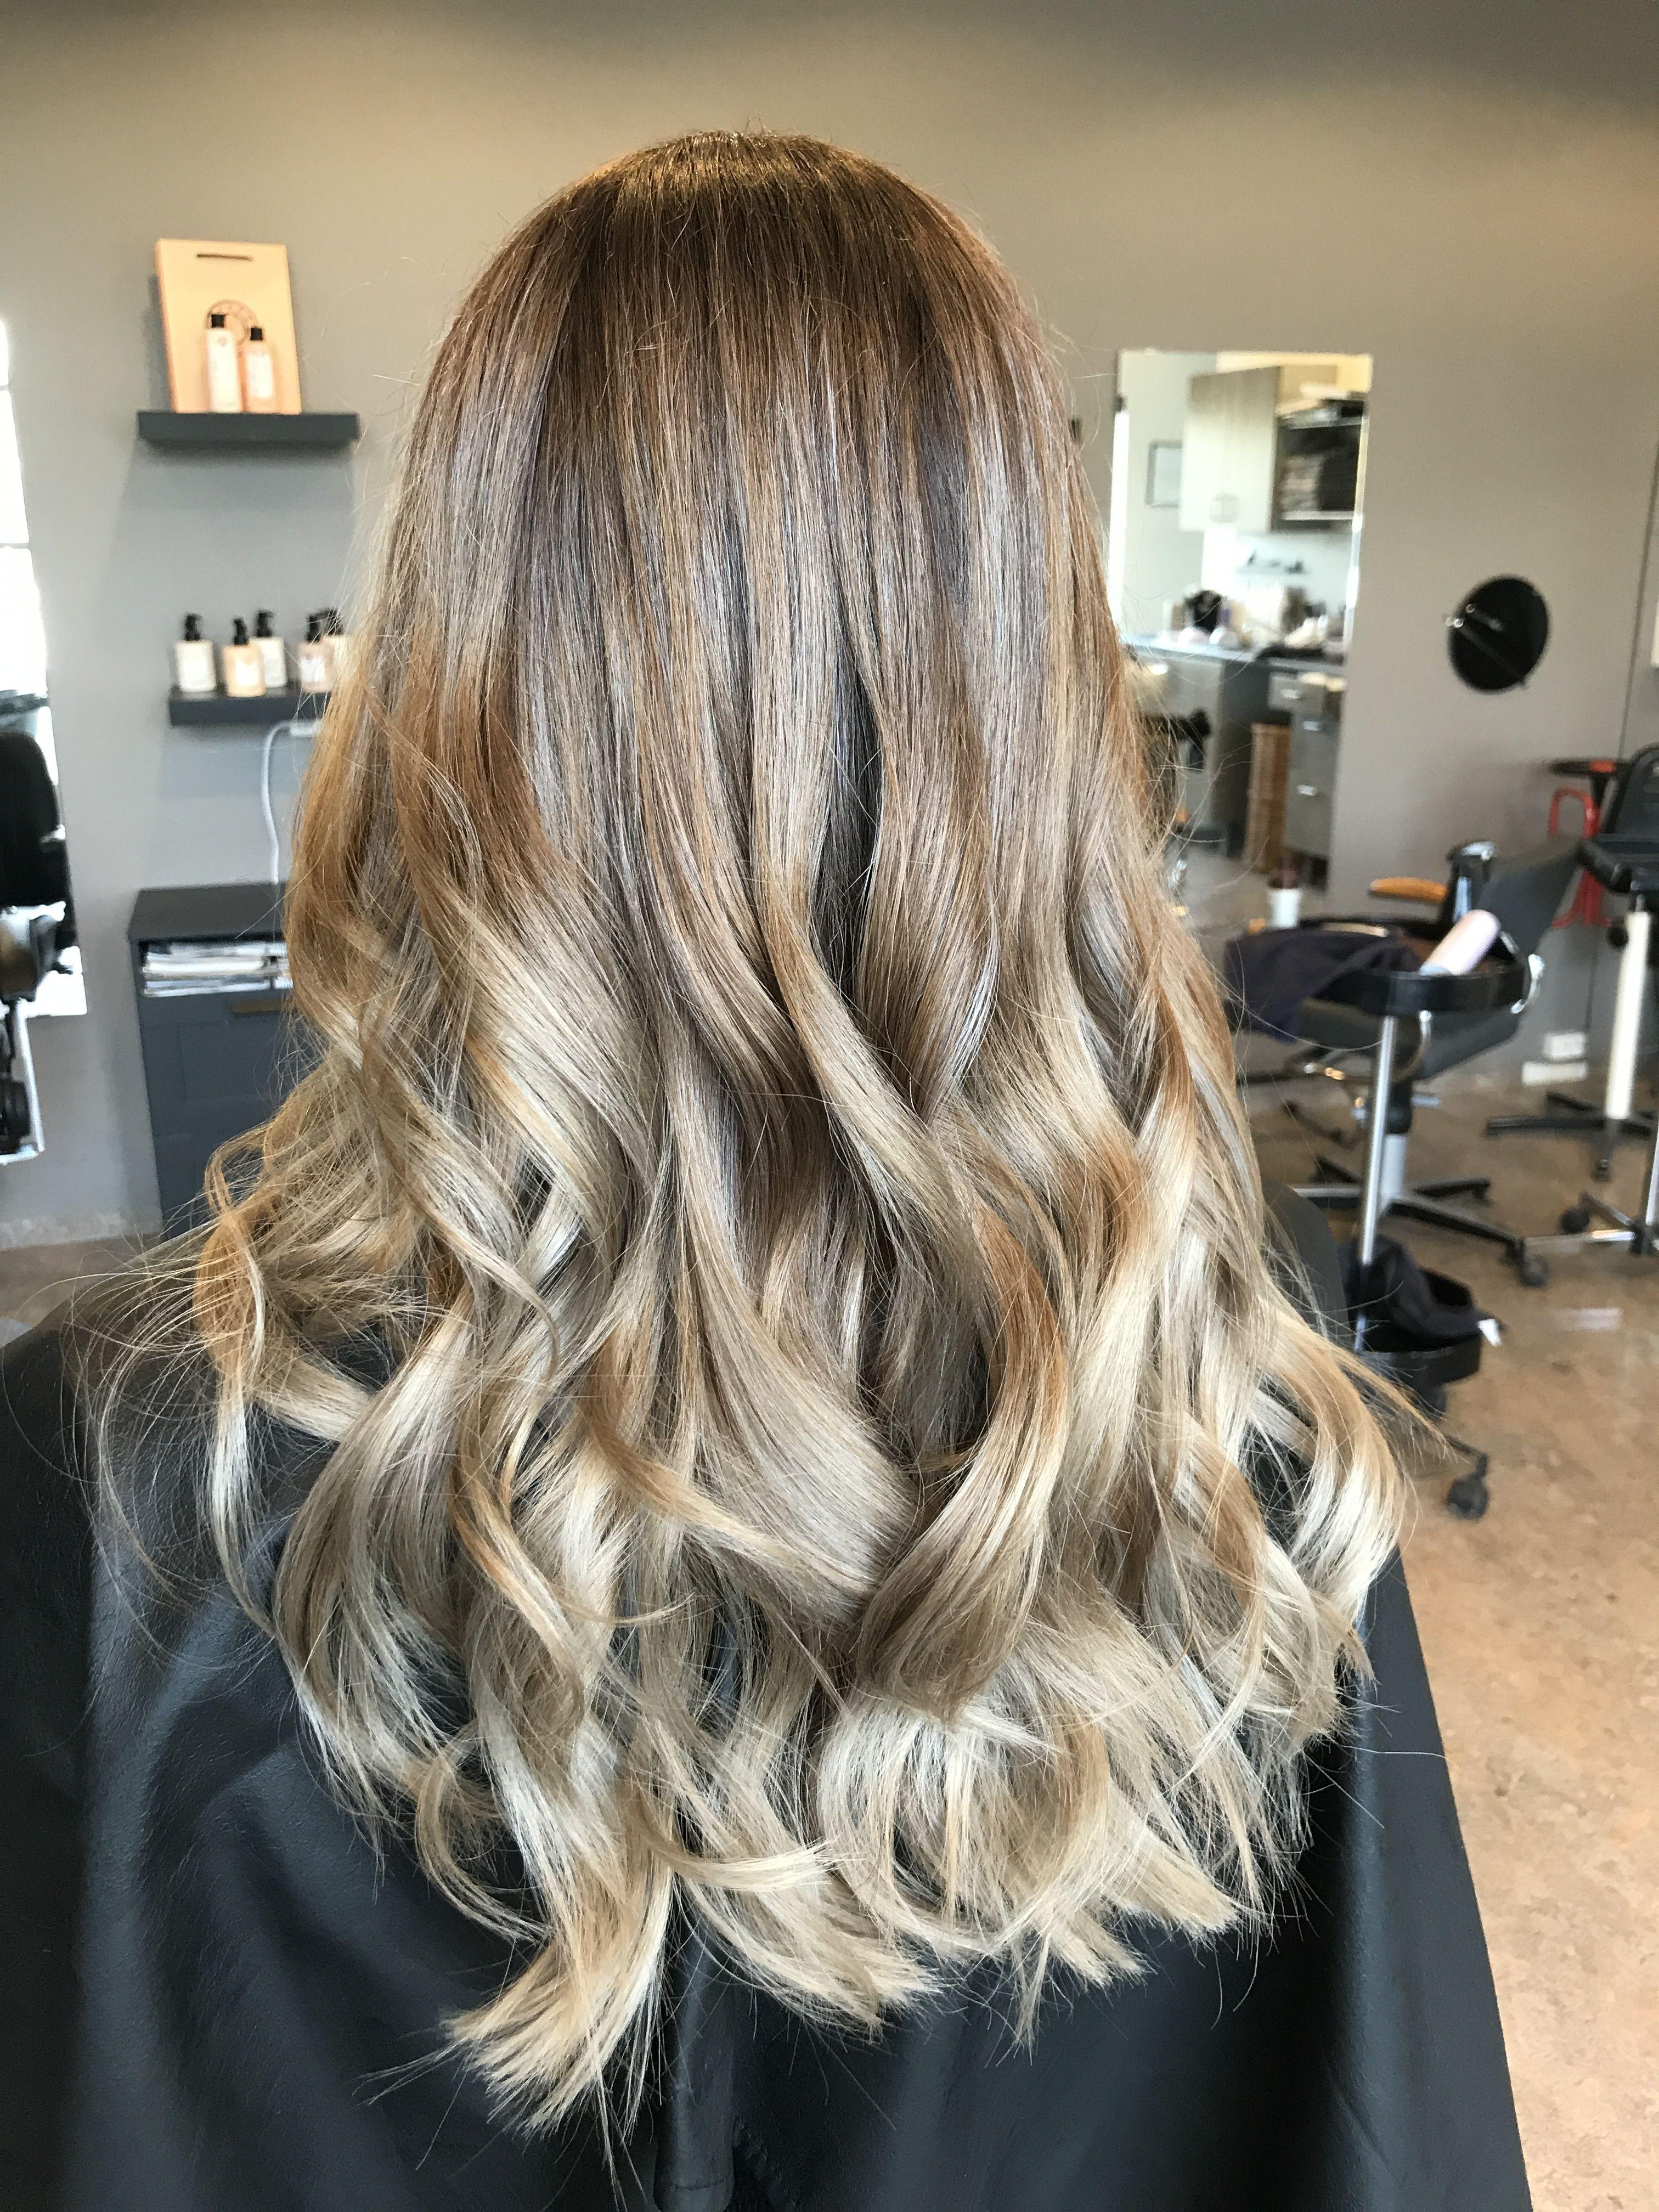 Natural Balayage Color Darker Roots And Lighter Ends Really Natural Blonde Balayage Color Balayage Hair Grey Balayage